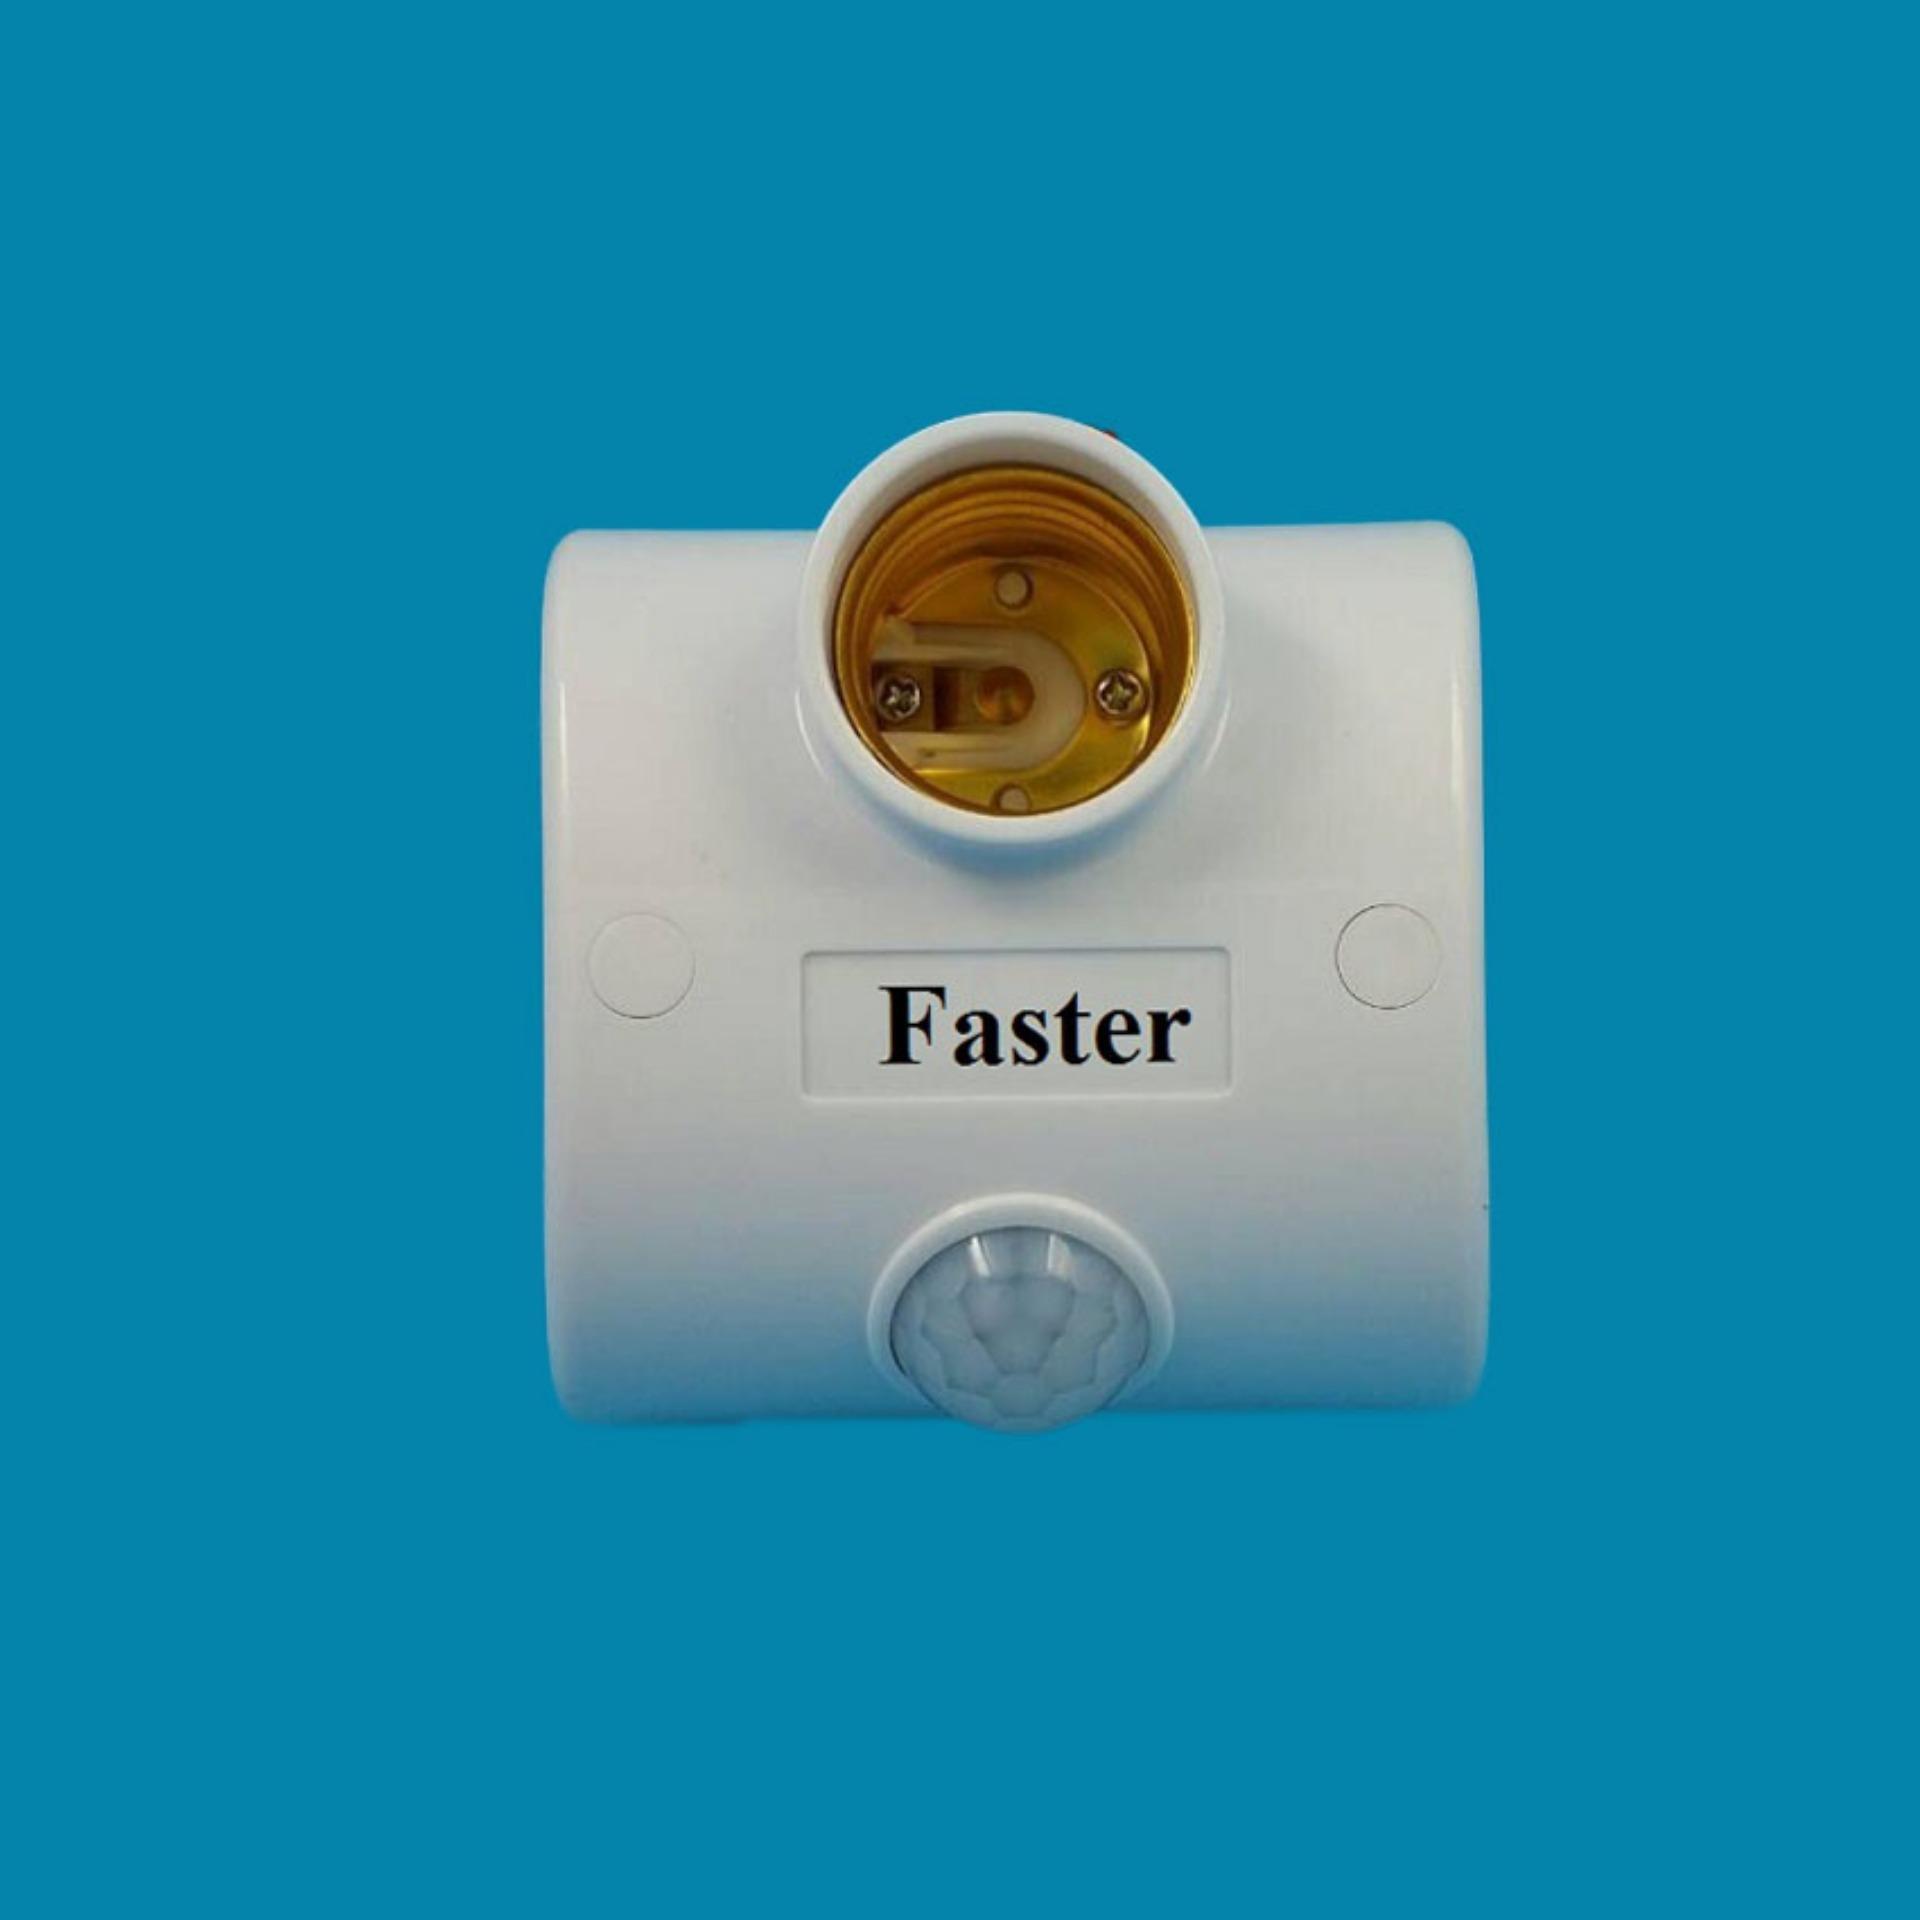 Báo Giá Đui đèn cảm ứng chuyển động cao cấp Faster (Trắng)